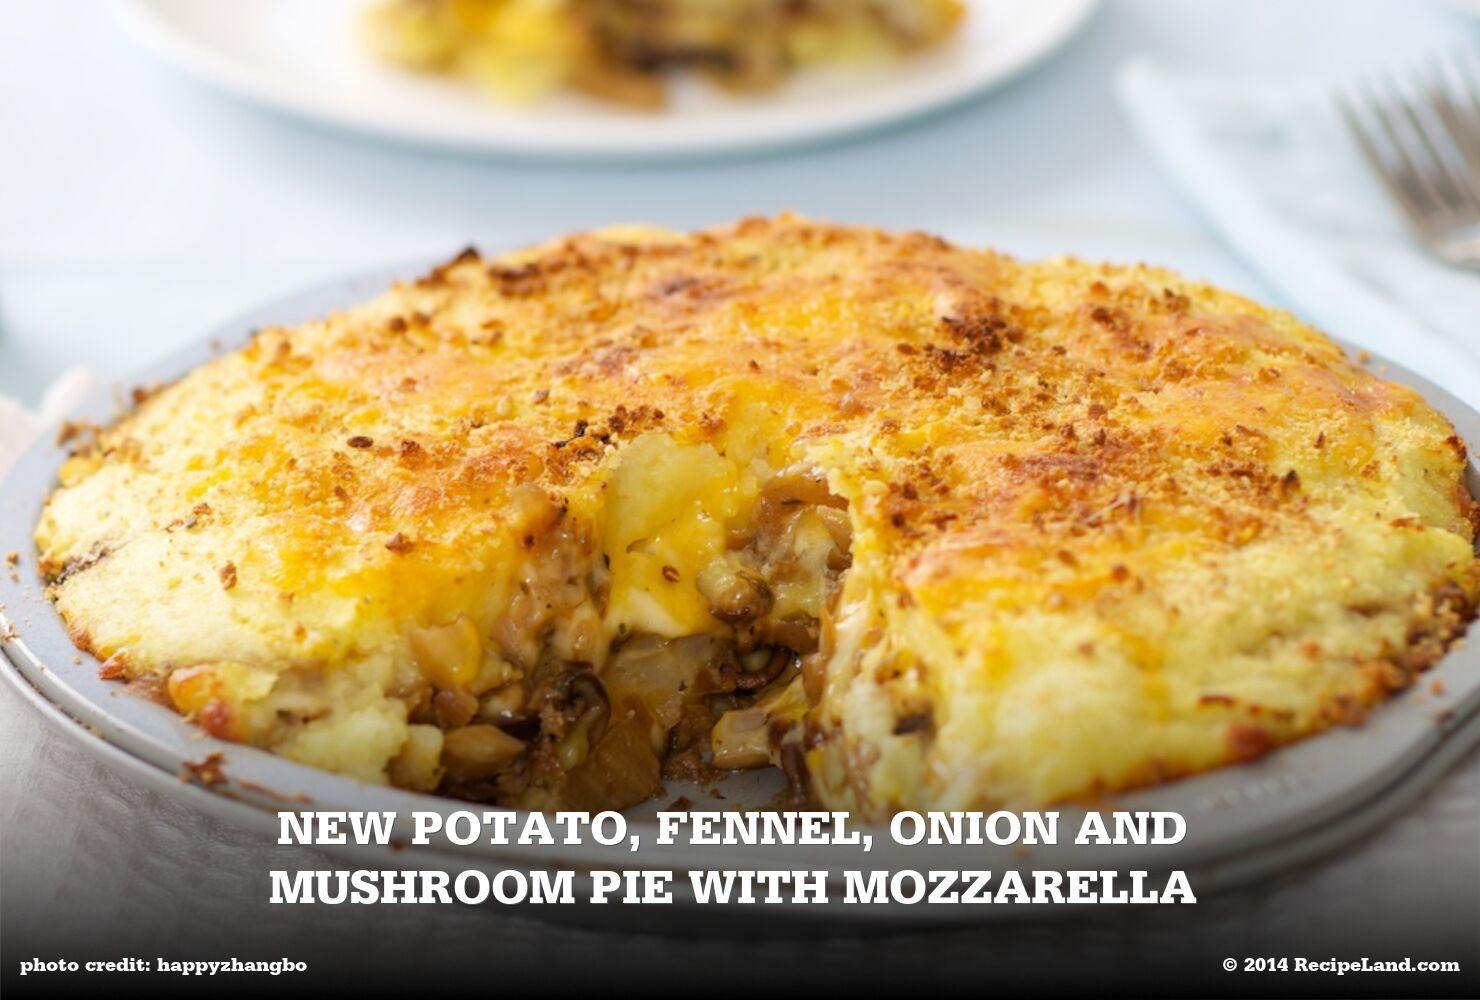 New Potato, Fennel, Onion and Mushroom Pie with Mozzarella